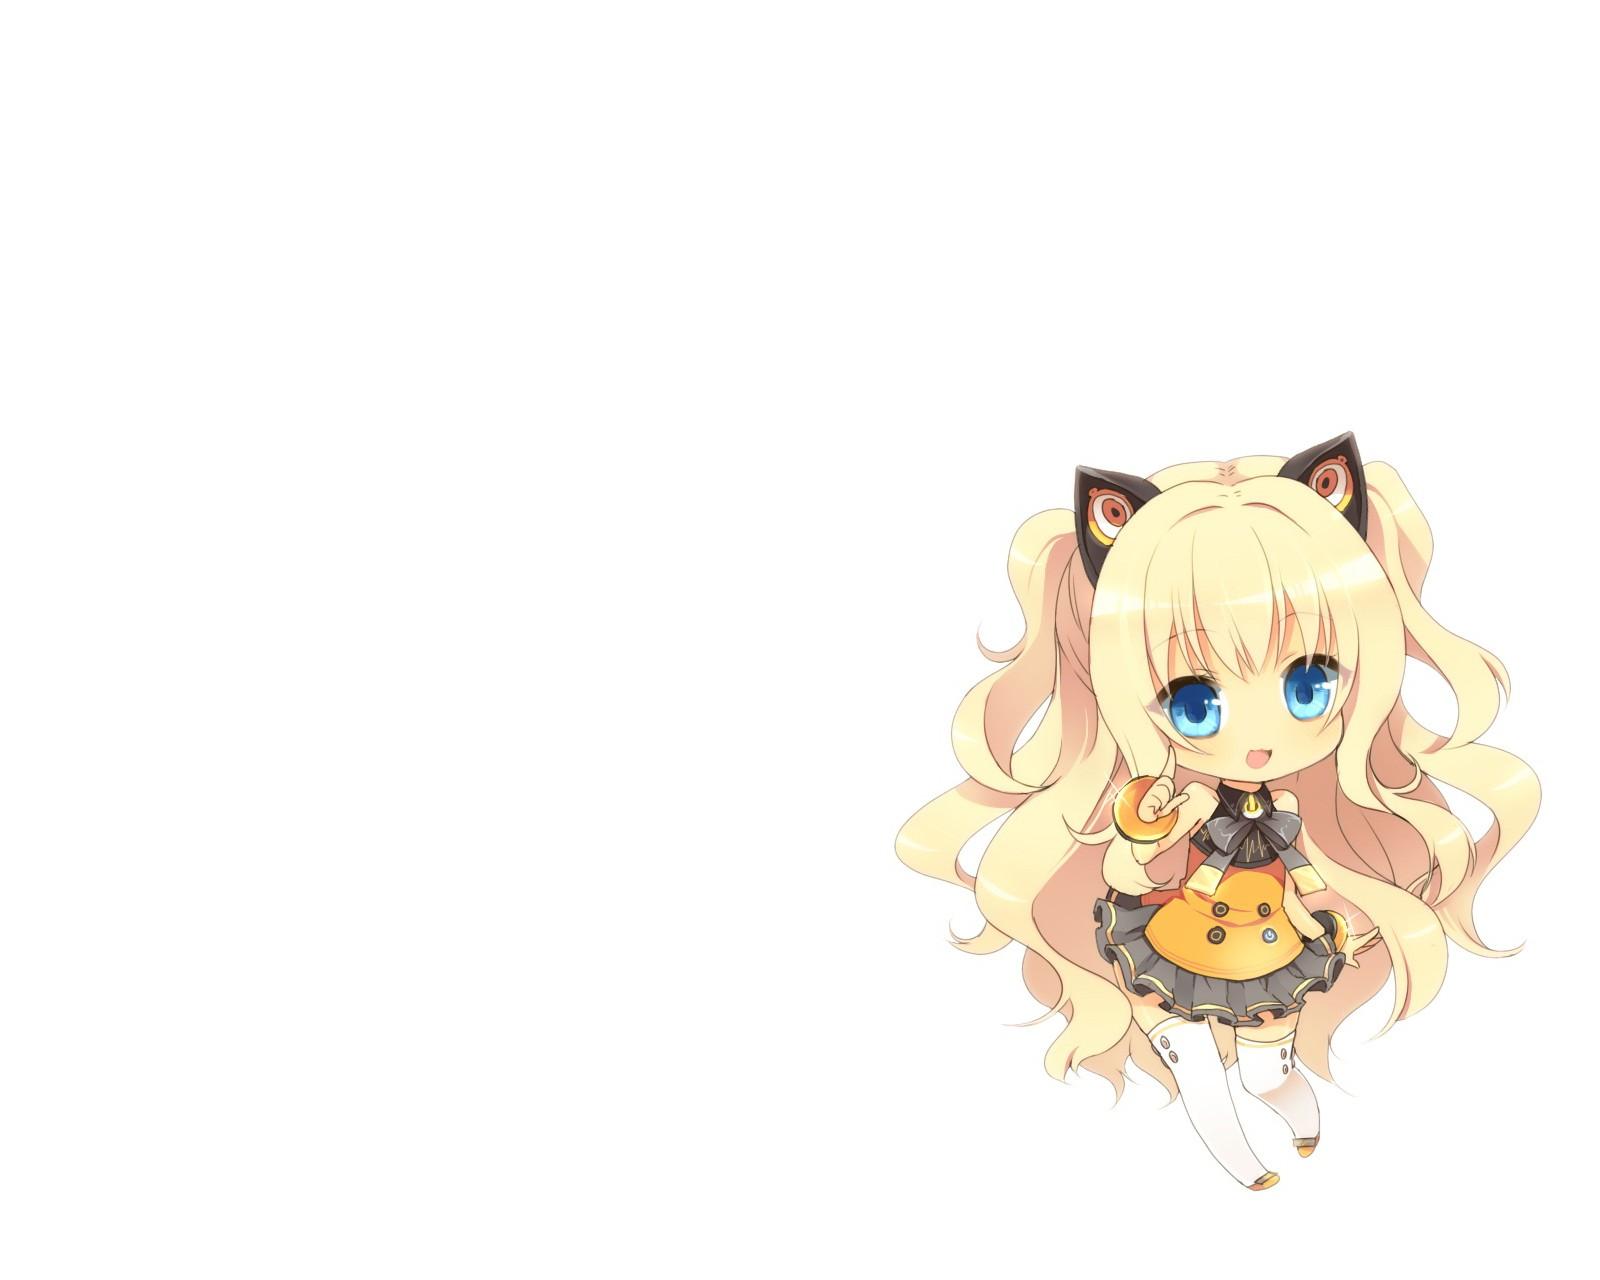 Chibi Vocaloid Desktop Wallpaper HD